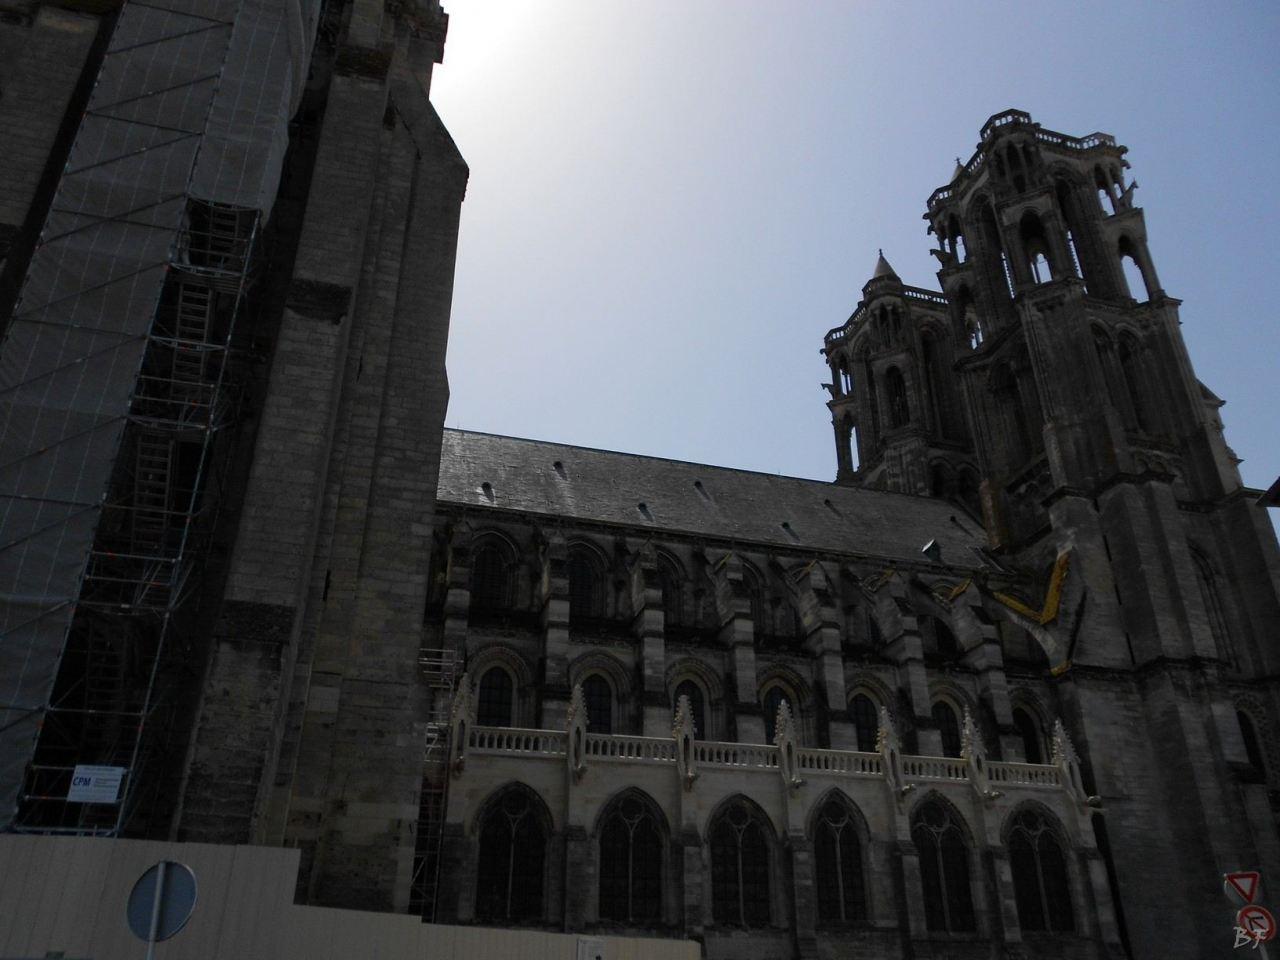 Cattedrale-Gotica-della-Vergine-di-Laon-Aisne-Hauts-de-France-30